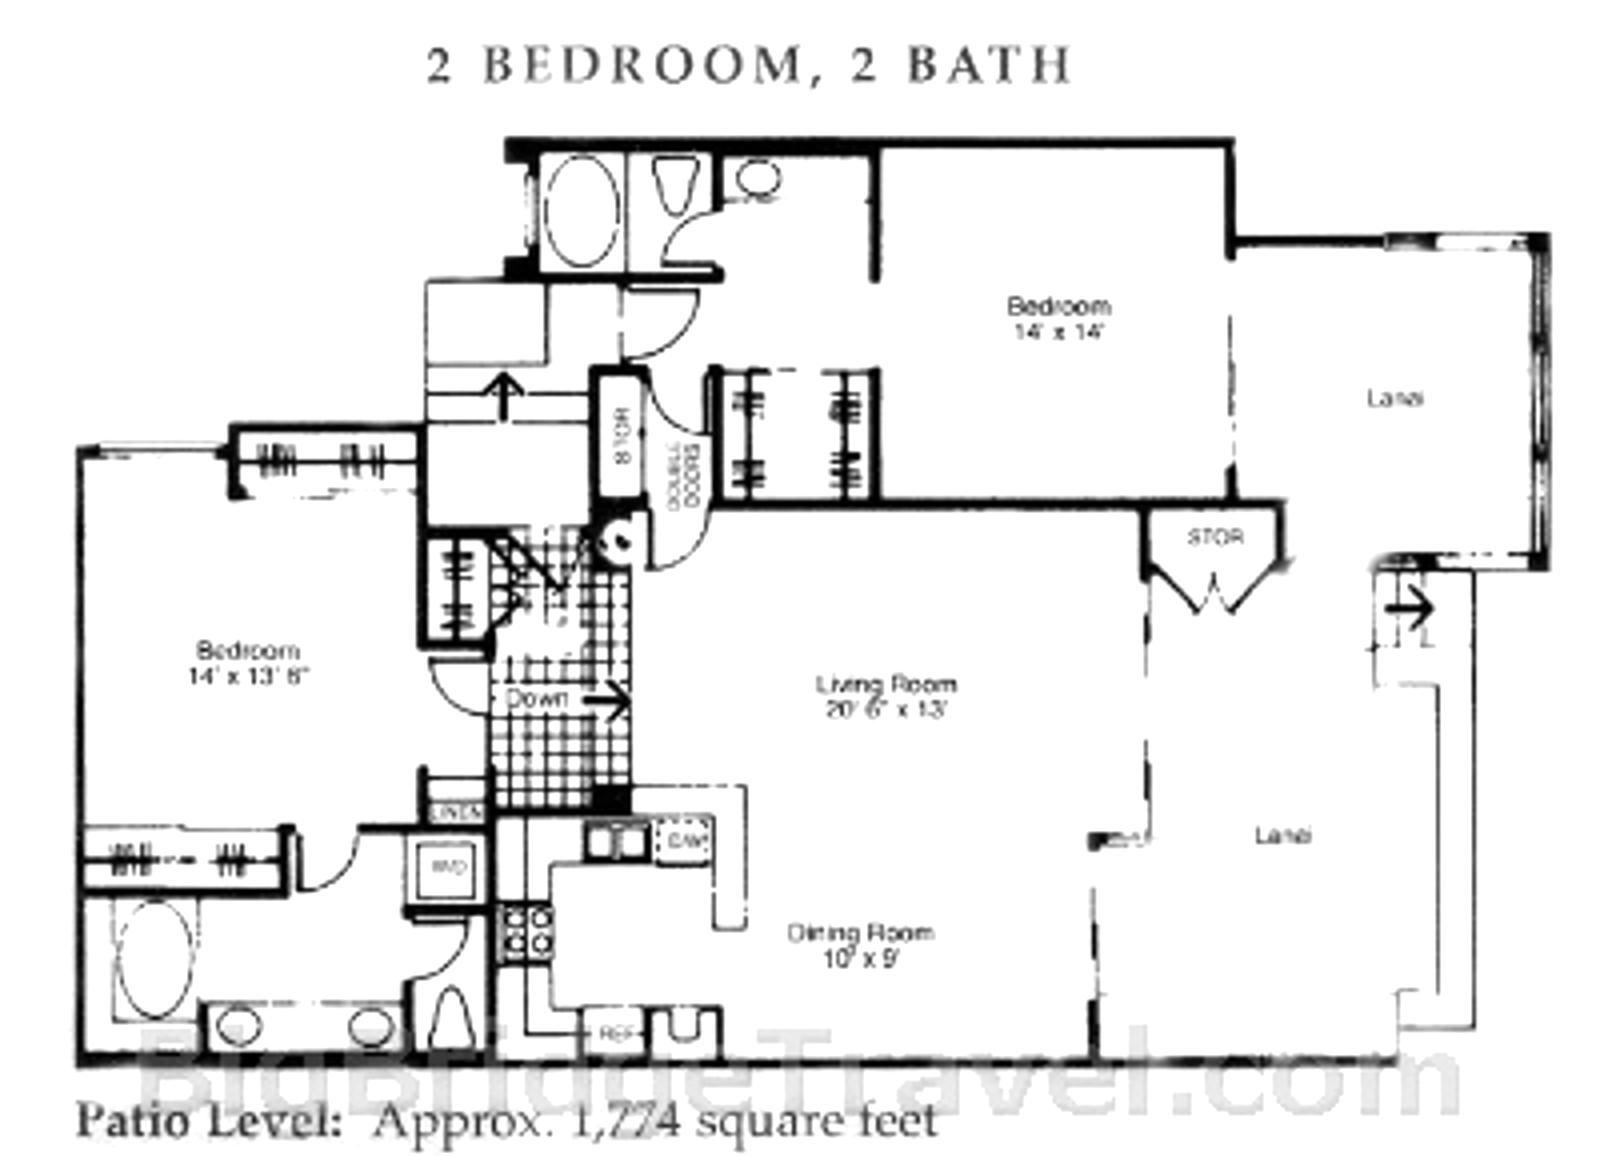 Generous oversized layout